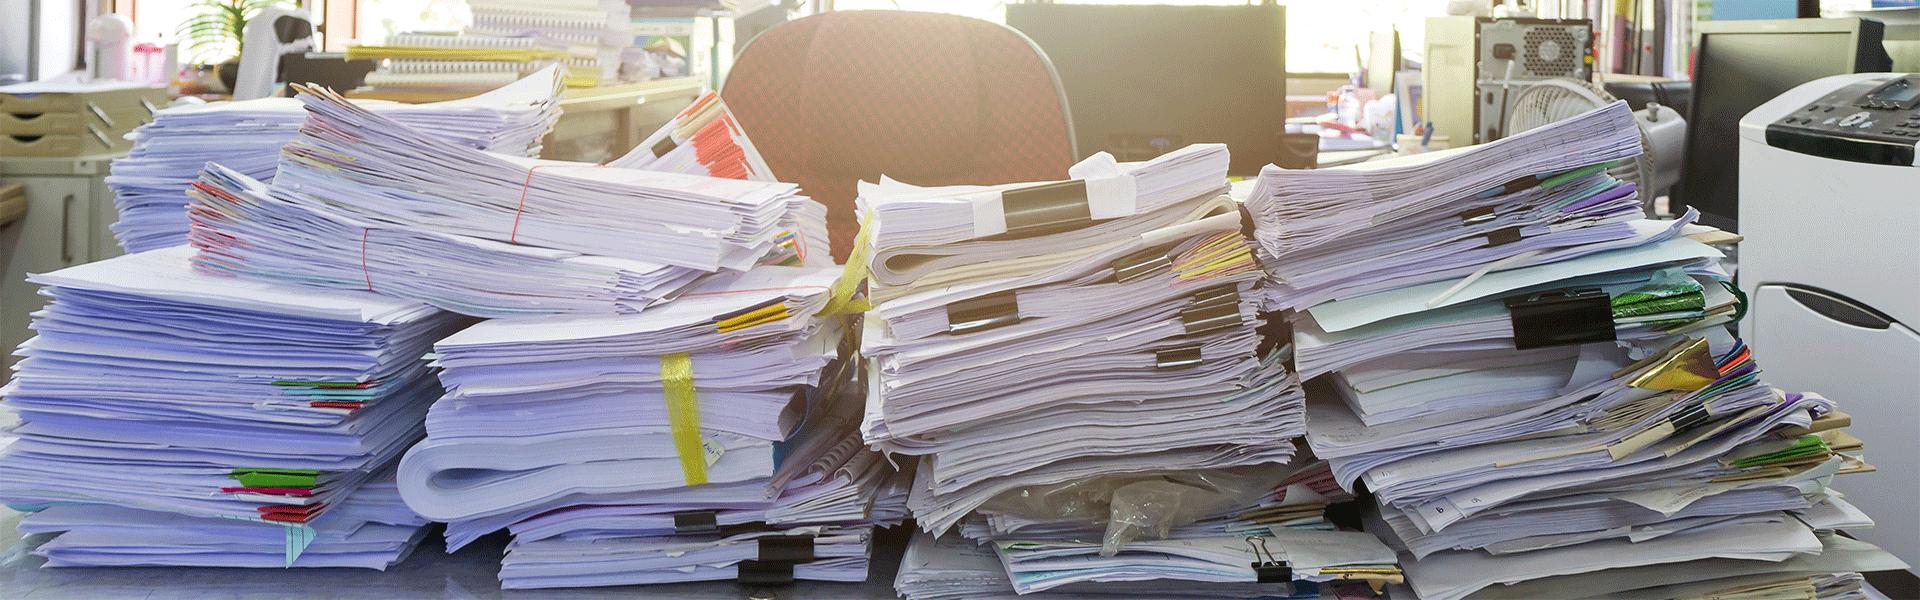 HS-LP-Bannerimage-Pile-Of-Documents-1920x600